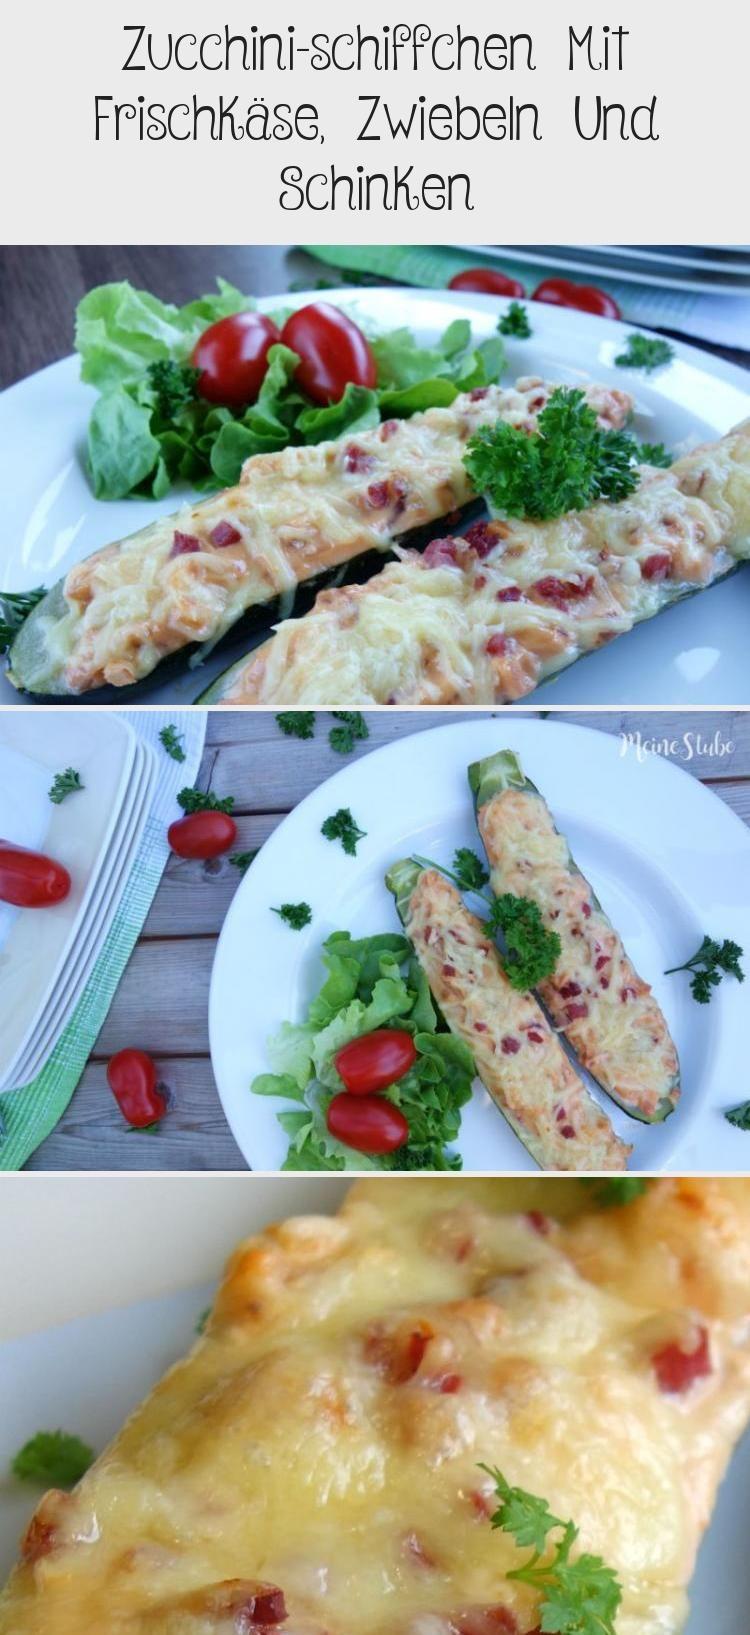 Zucchinischiffchen Mit Frischkäse Zwiebeln Und Schinken Rezept für ZucchiniSchiffchen lecker mit Frischkäse Zwiebeln und Schinken und Käse überba...